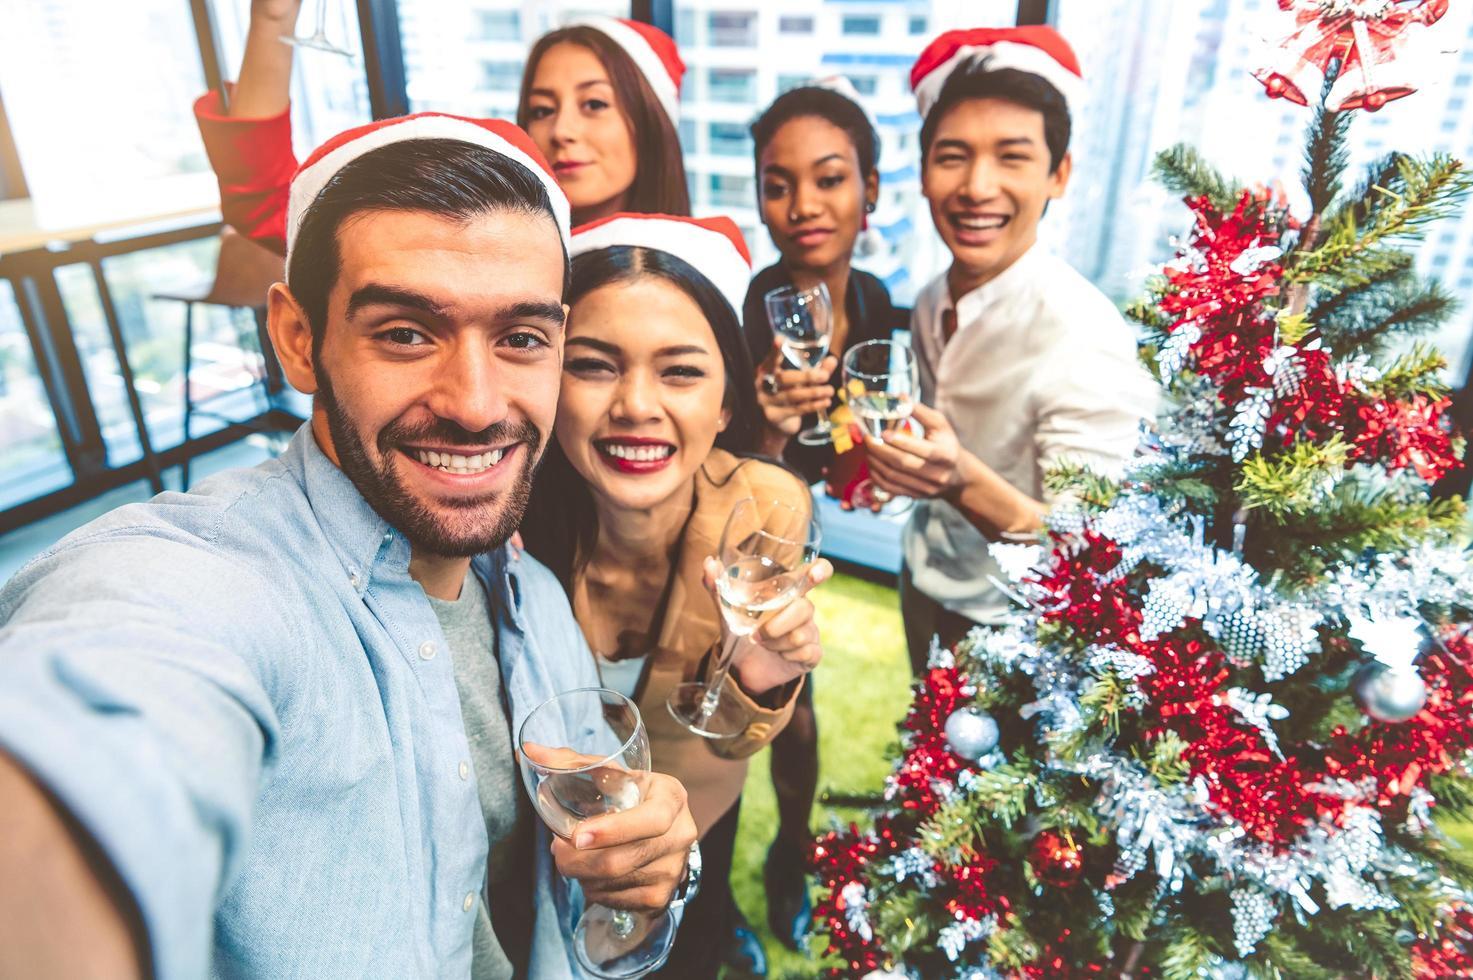 un gruppo multietnico di persone a una festa foto